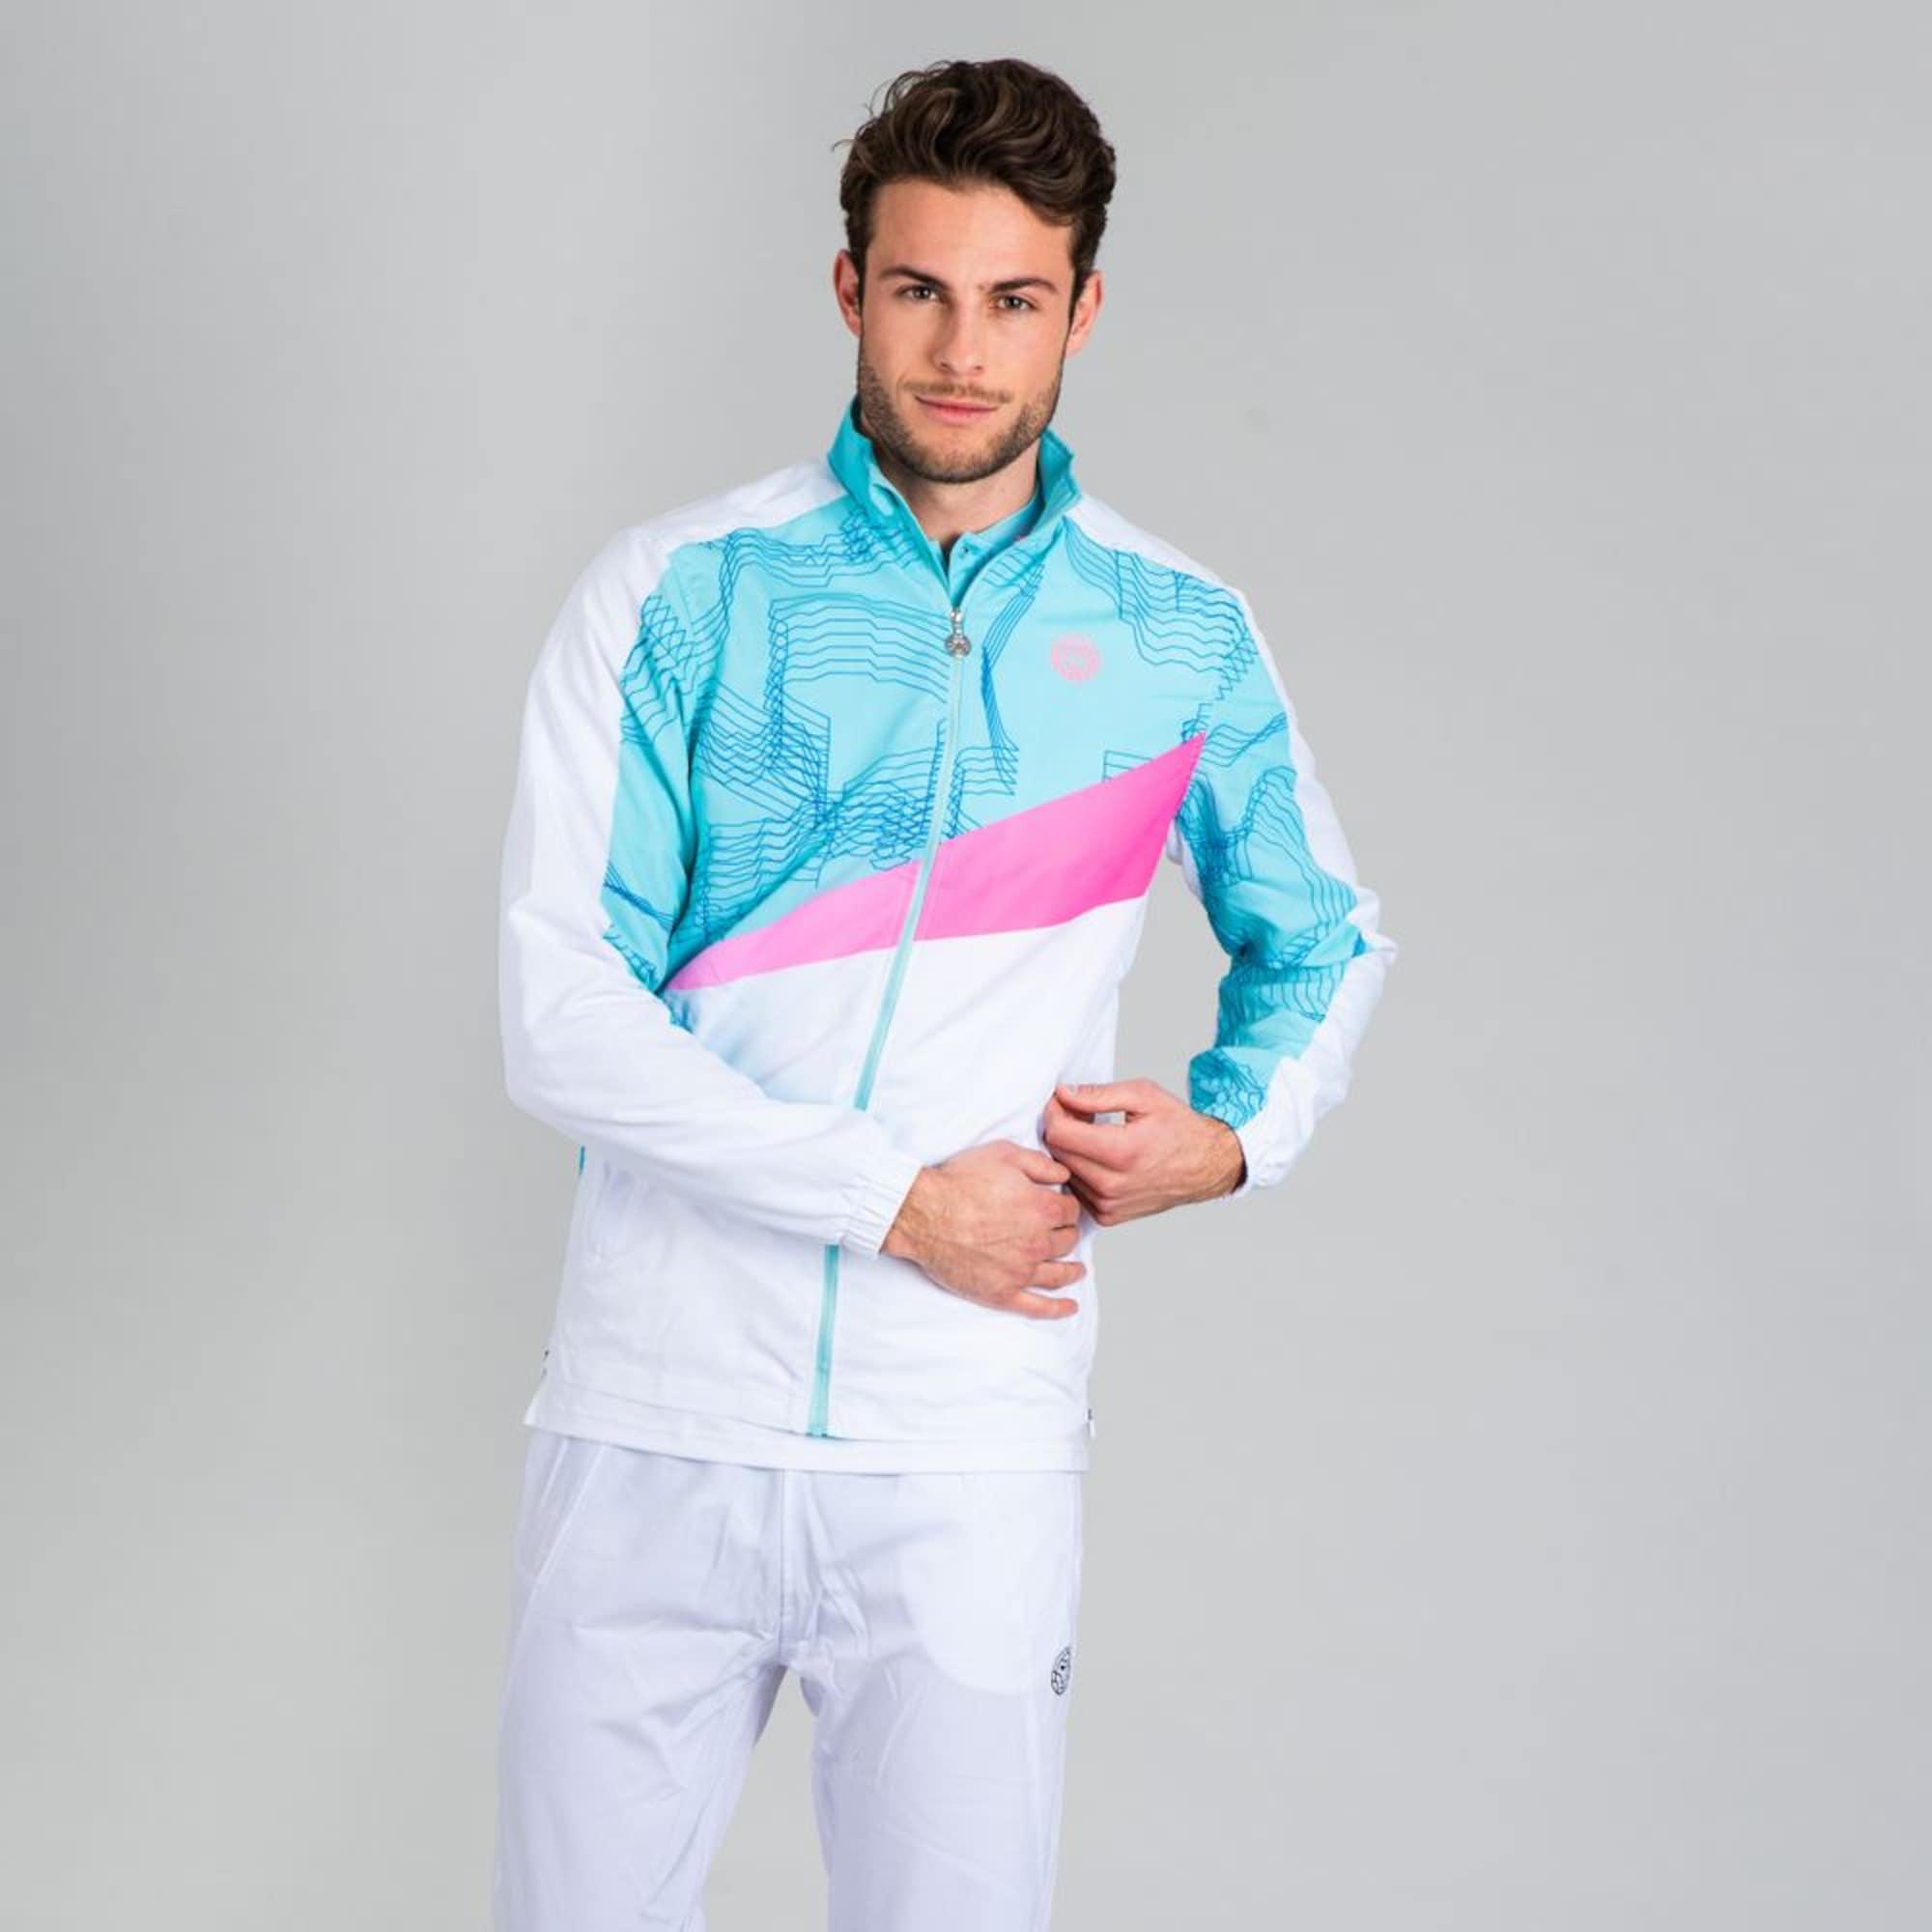 bidi badu - Trainingsjacke Teku in ausgefallenem Design